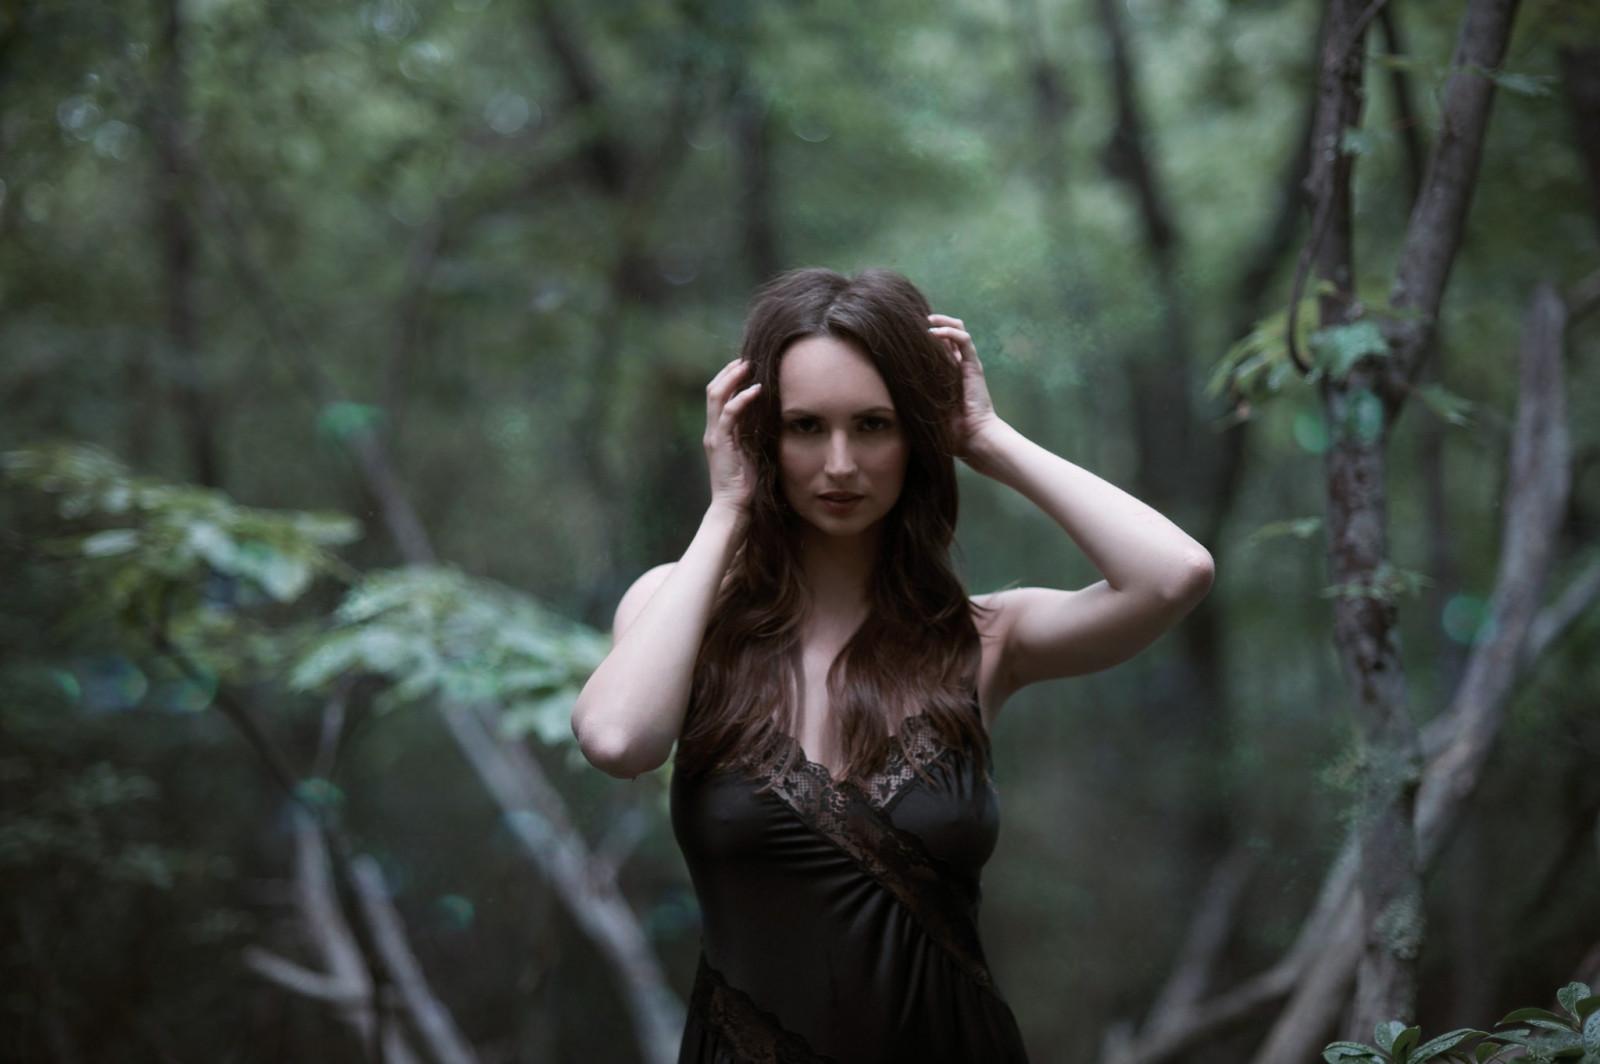 женщины в лесу фото жопа потрясная, даже